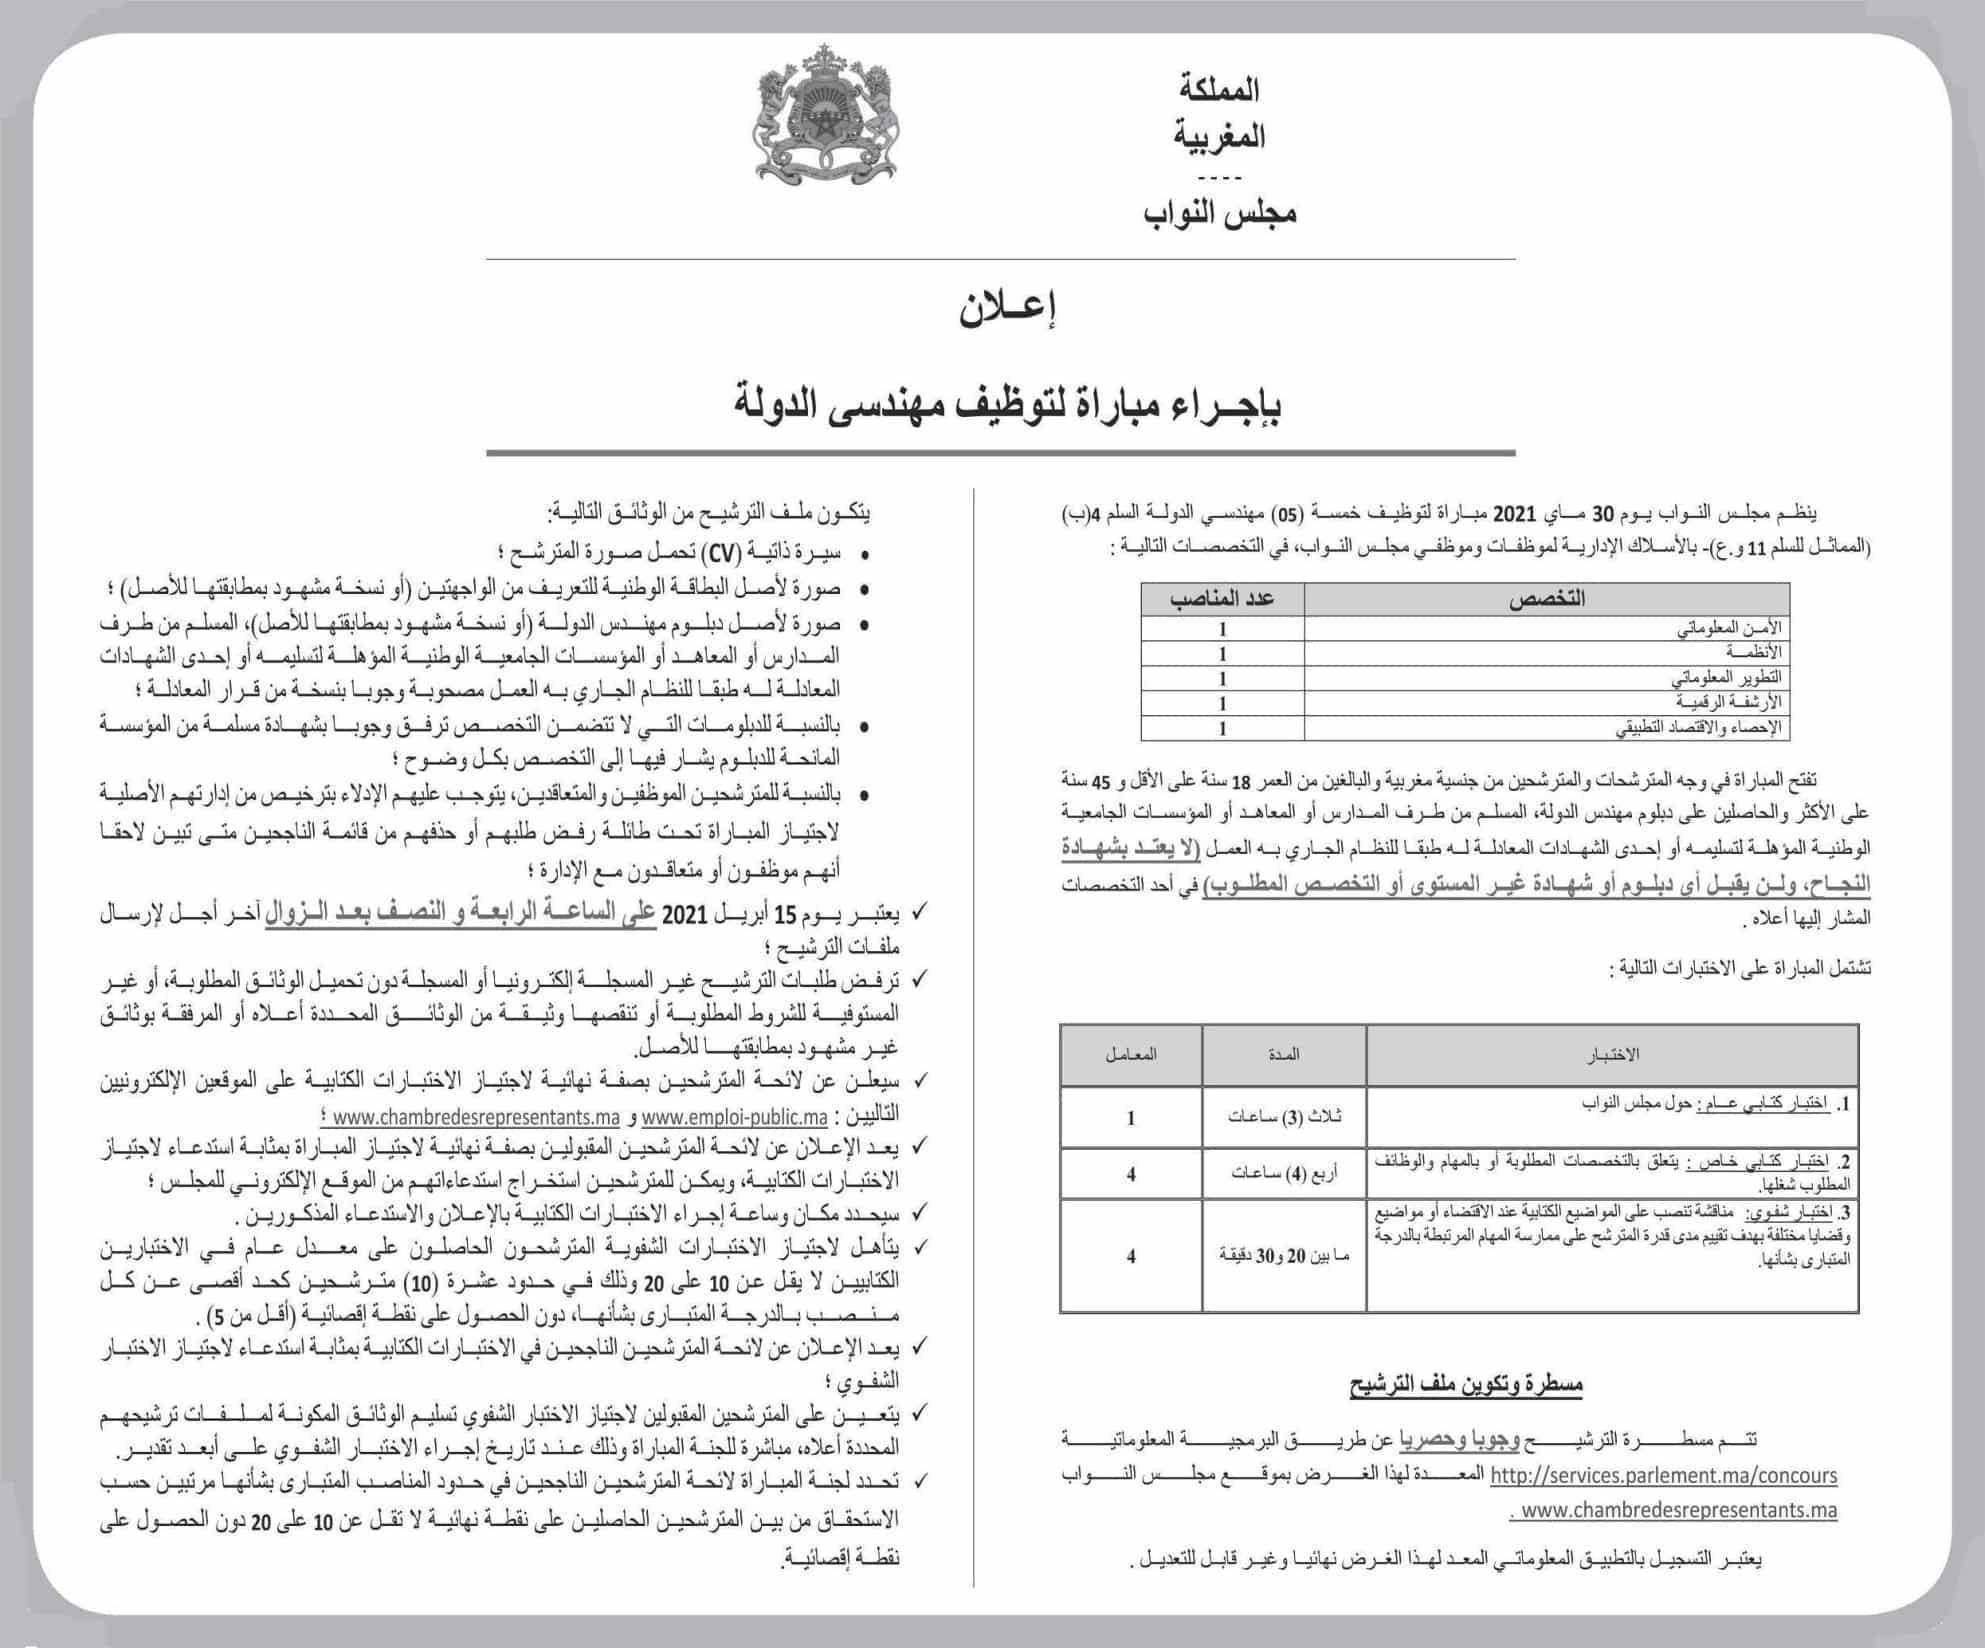 avis de concours pdf chambre representants 2021 2 Résultats Concours Chambre des Représentants 2021 (52 Postes)